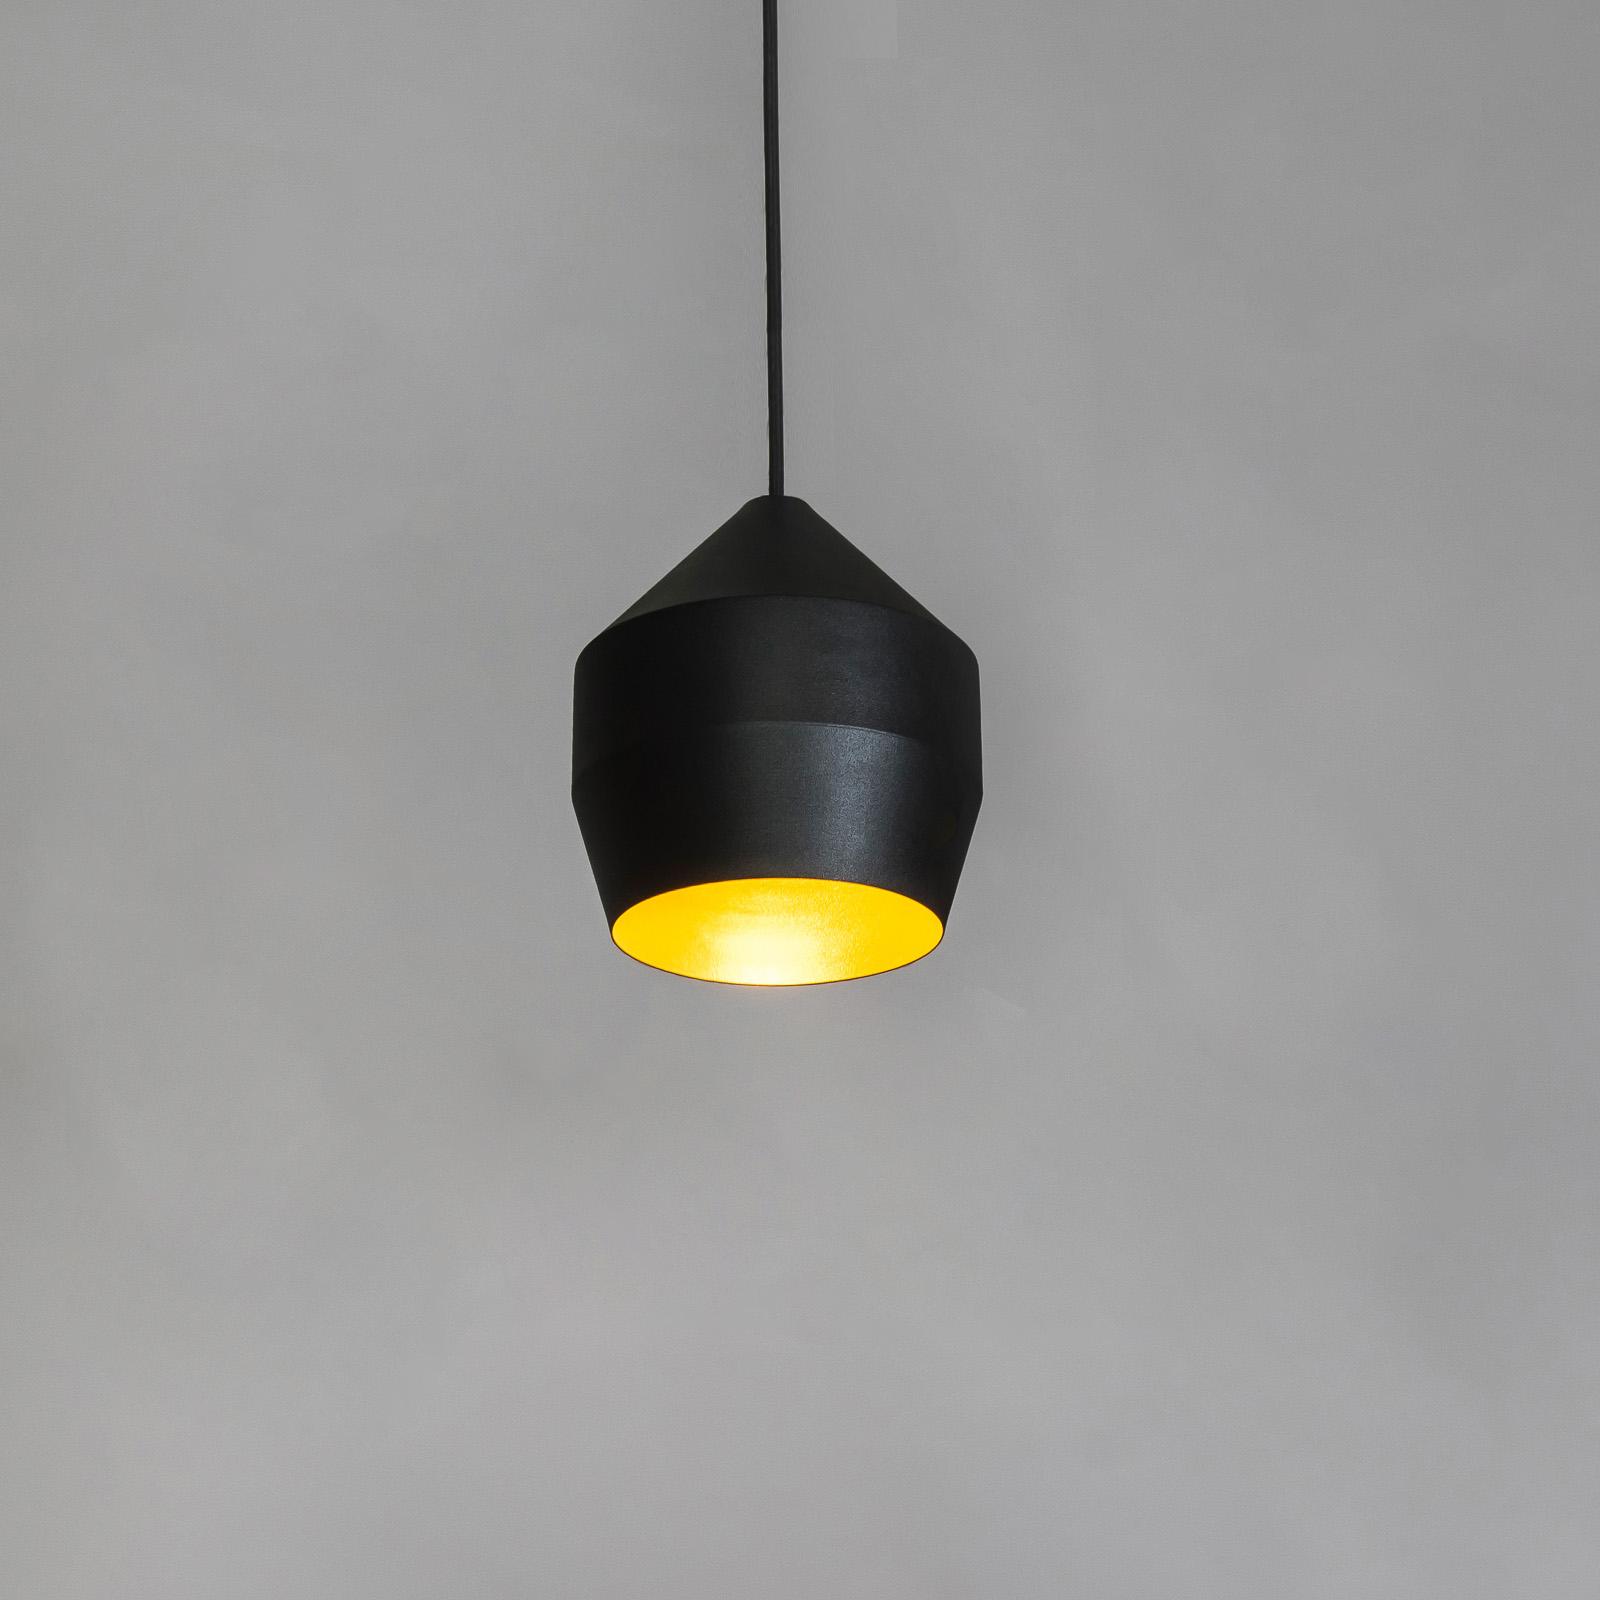 Innermost Hoxton 17 Hängeleuchte, schwarz/gold